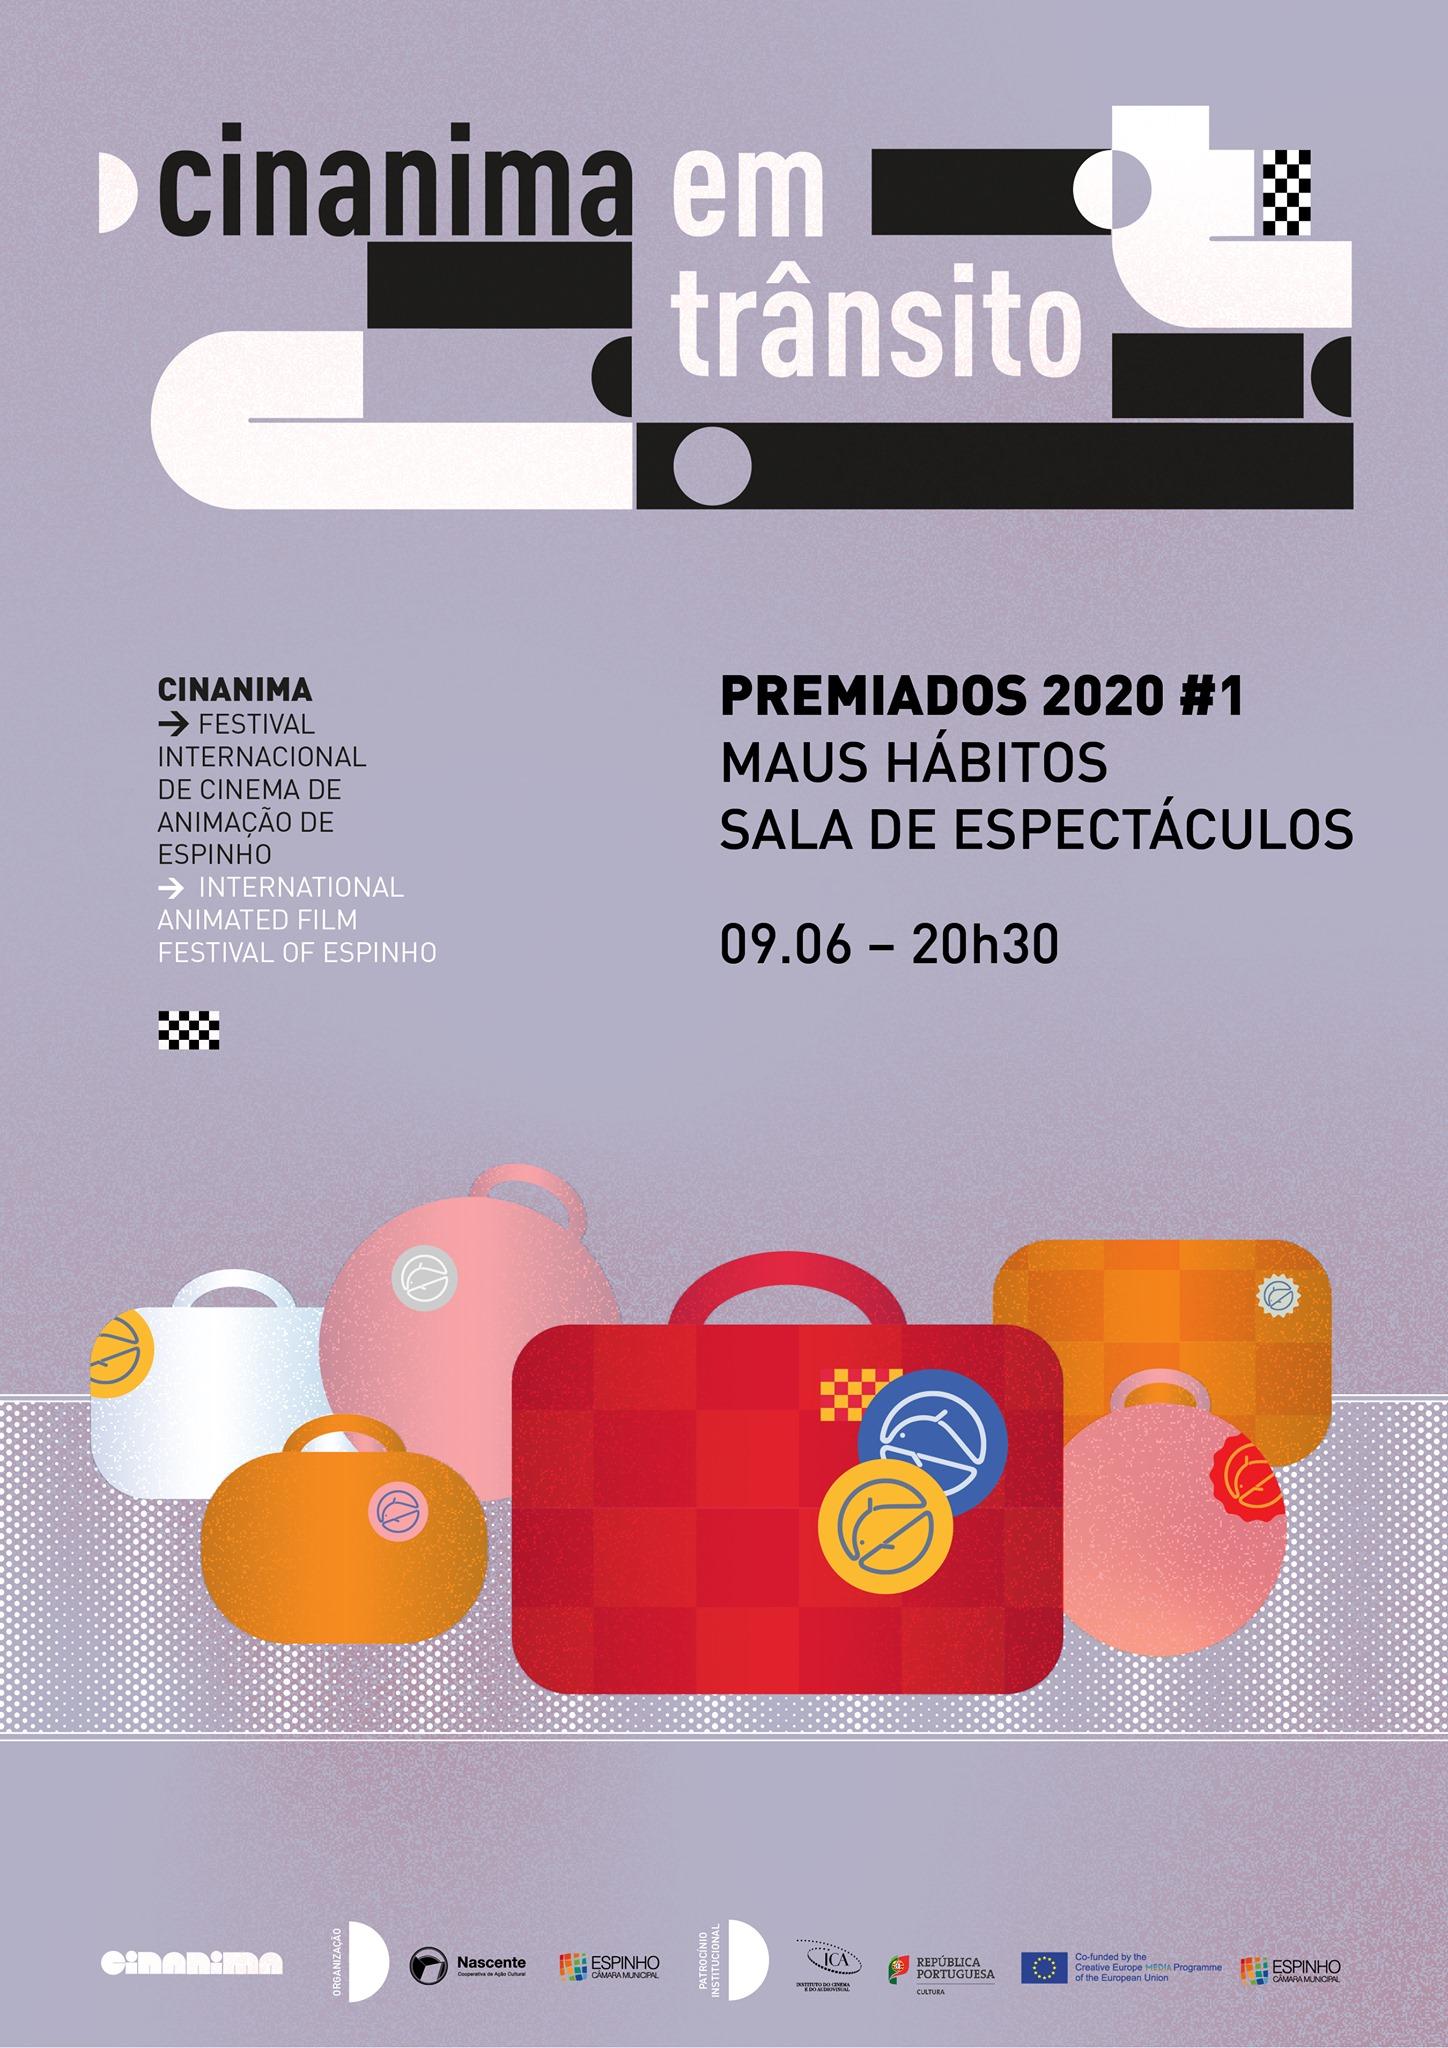 CINANIMA EM TRÂNSITO / Premiados 2020 #01